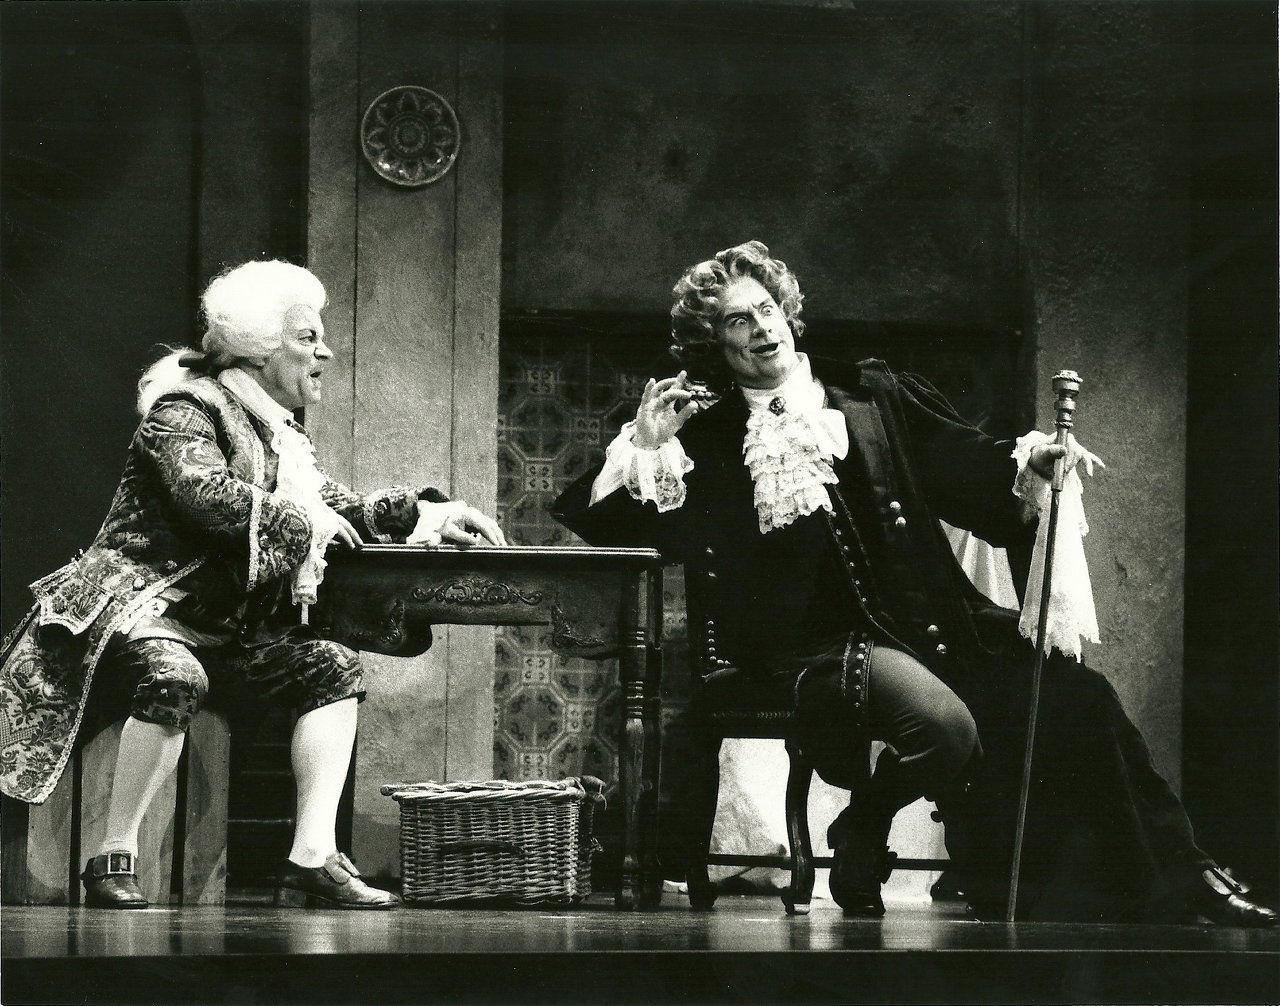 Basilio and Bartolo